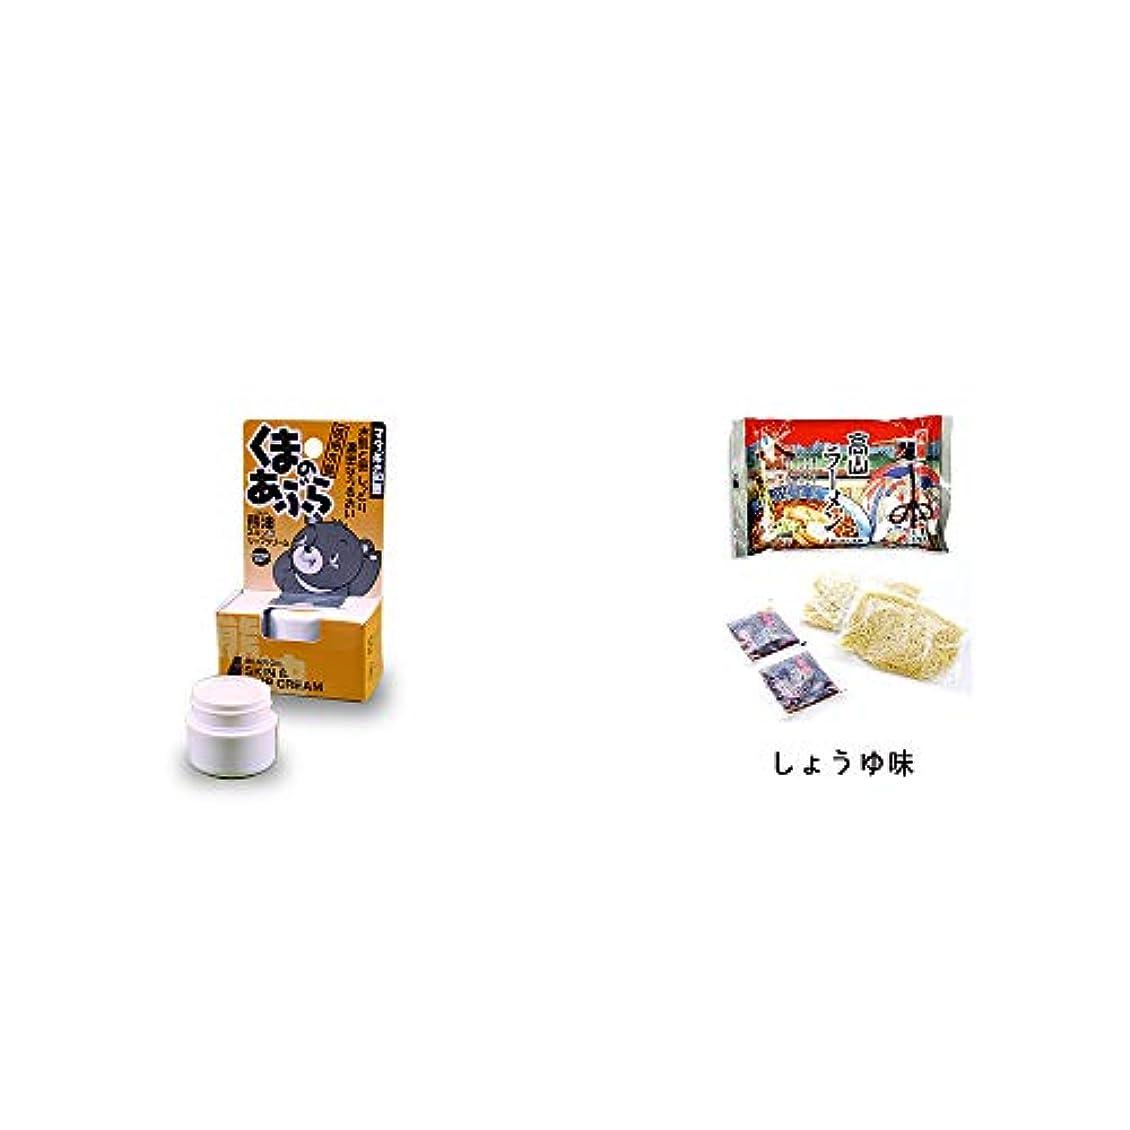 少ないモート繁雑[2点セット] 信州木曽 くまのあぶら 熊油スキン&リップクリーム(9g)?飛騨高山ラーメン[生麺?スープ付 (しょうゆ味)]